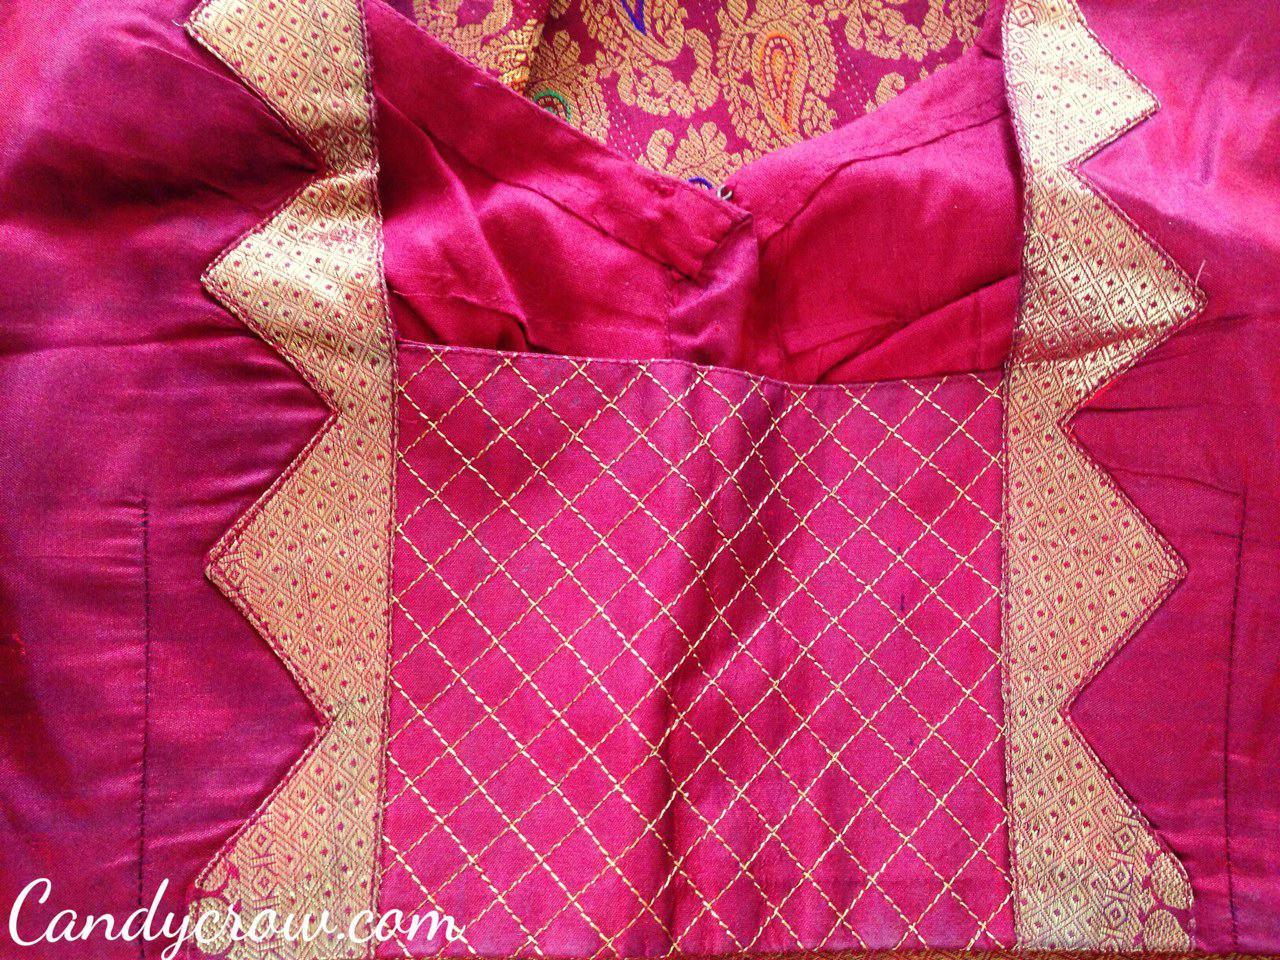 Kanchipuram Silk Saree Blouse Design | My wedding Saree | Candy Crow